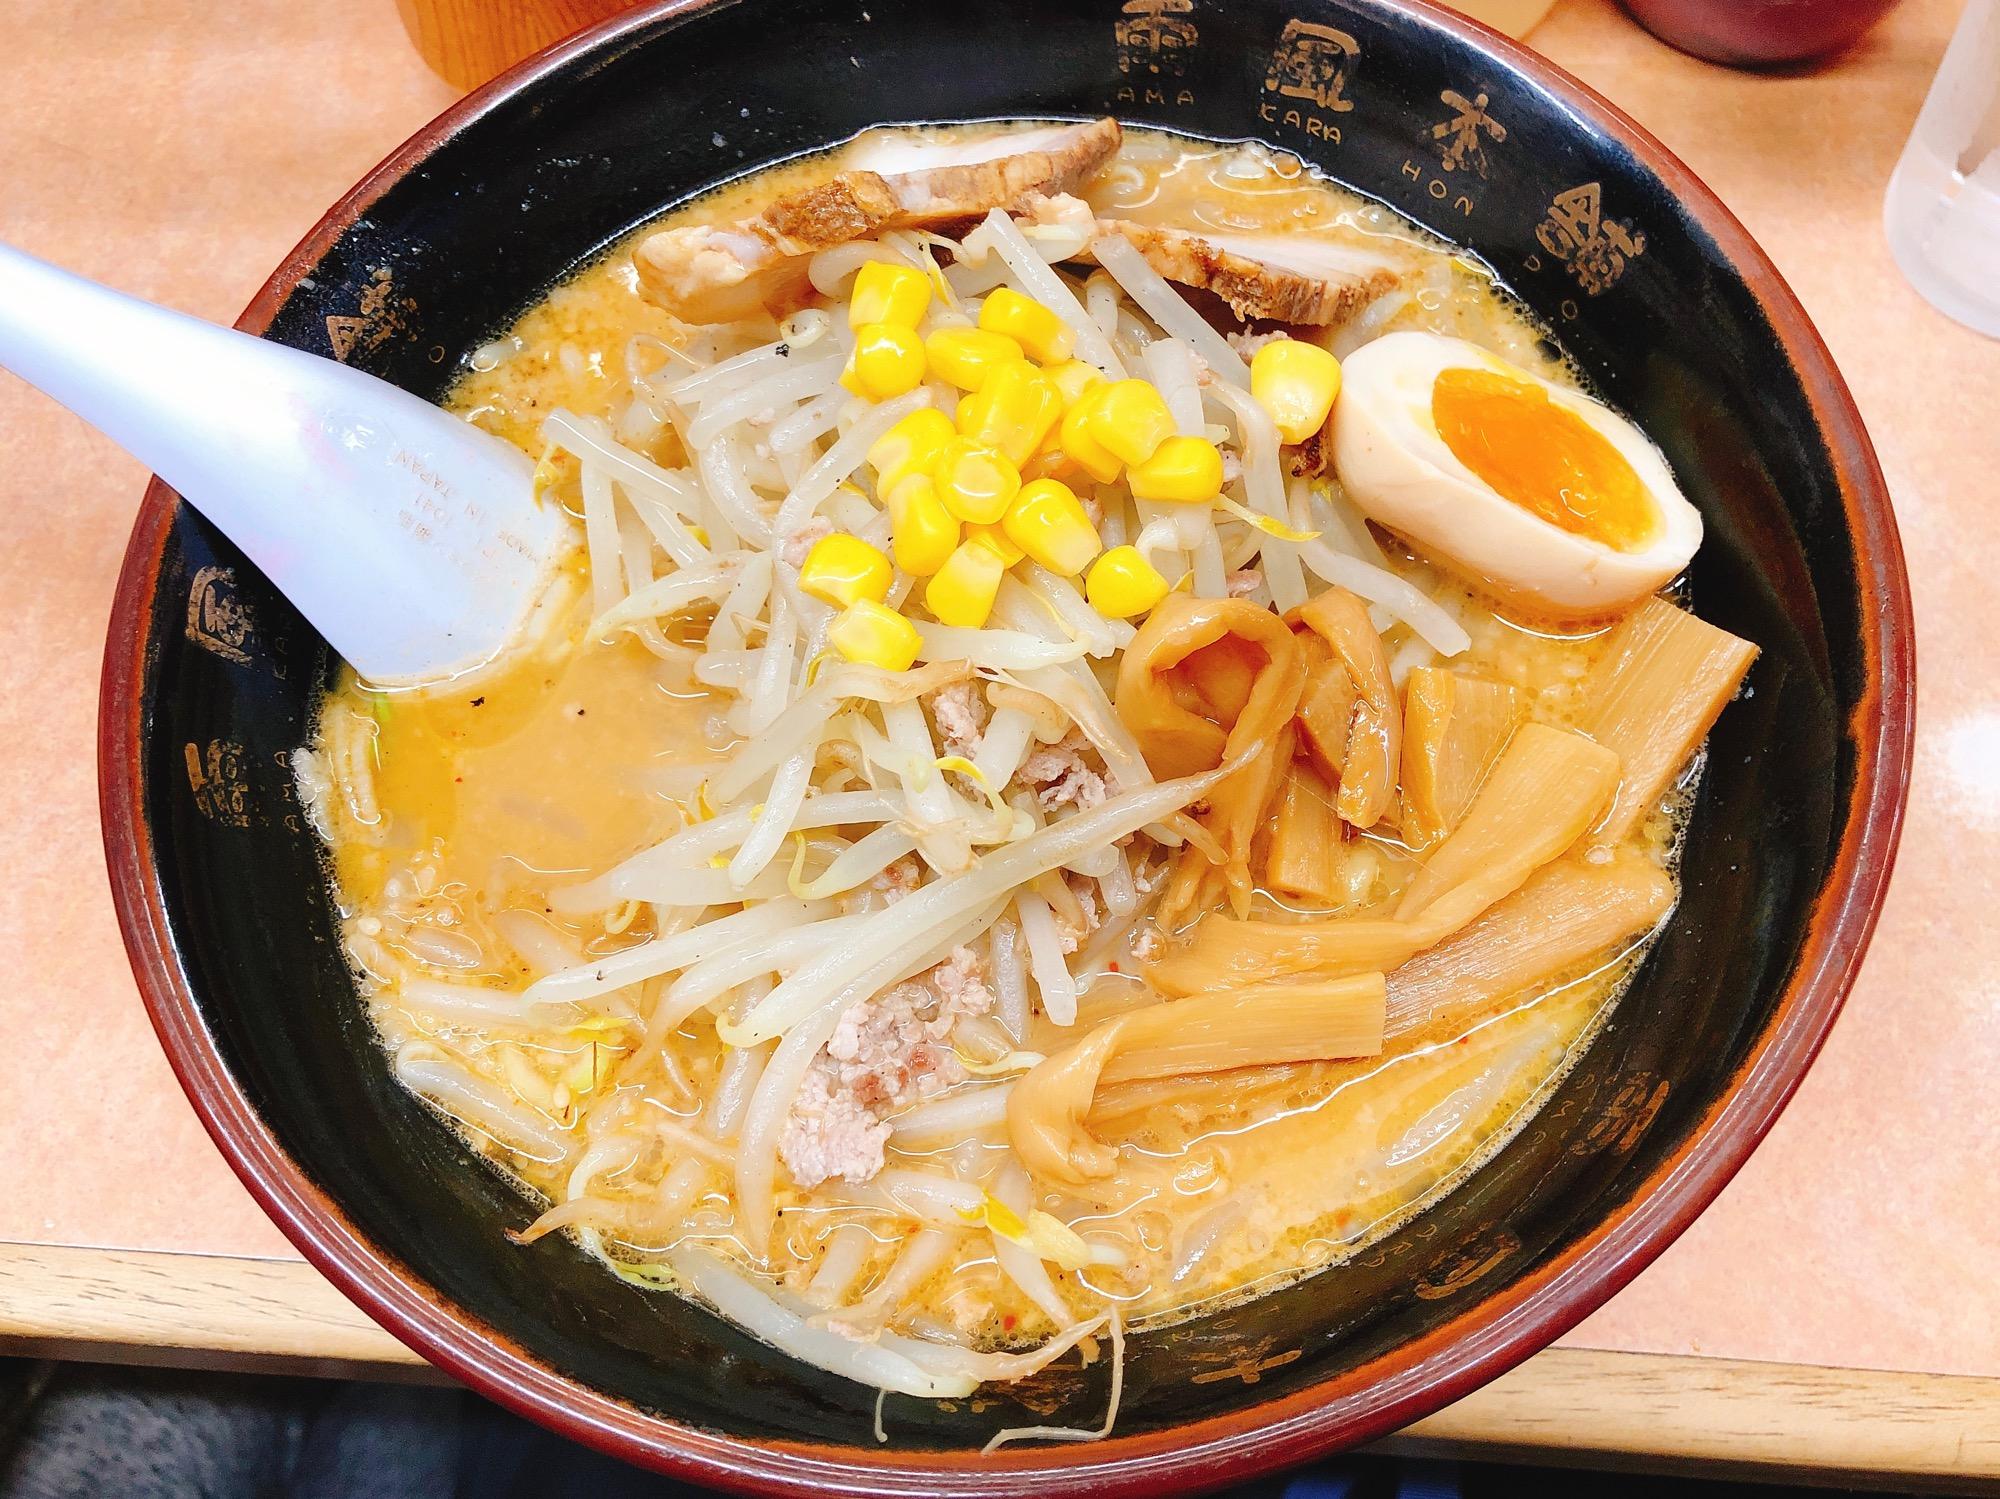 日本一周・Day 5 〝熱海でゆっくり〟【熱海/味噌ラーメン】